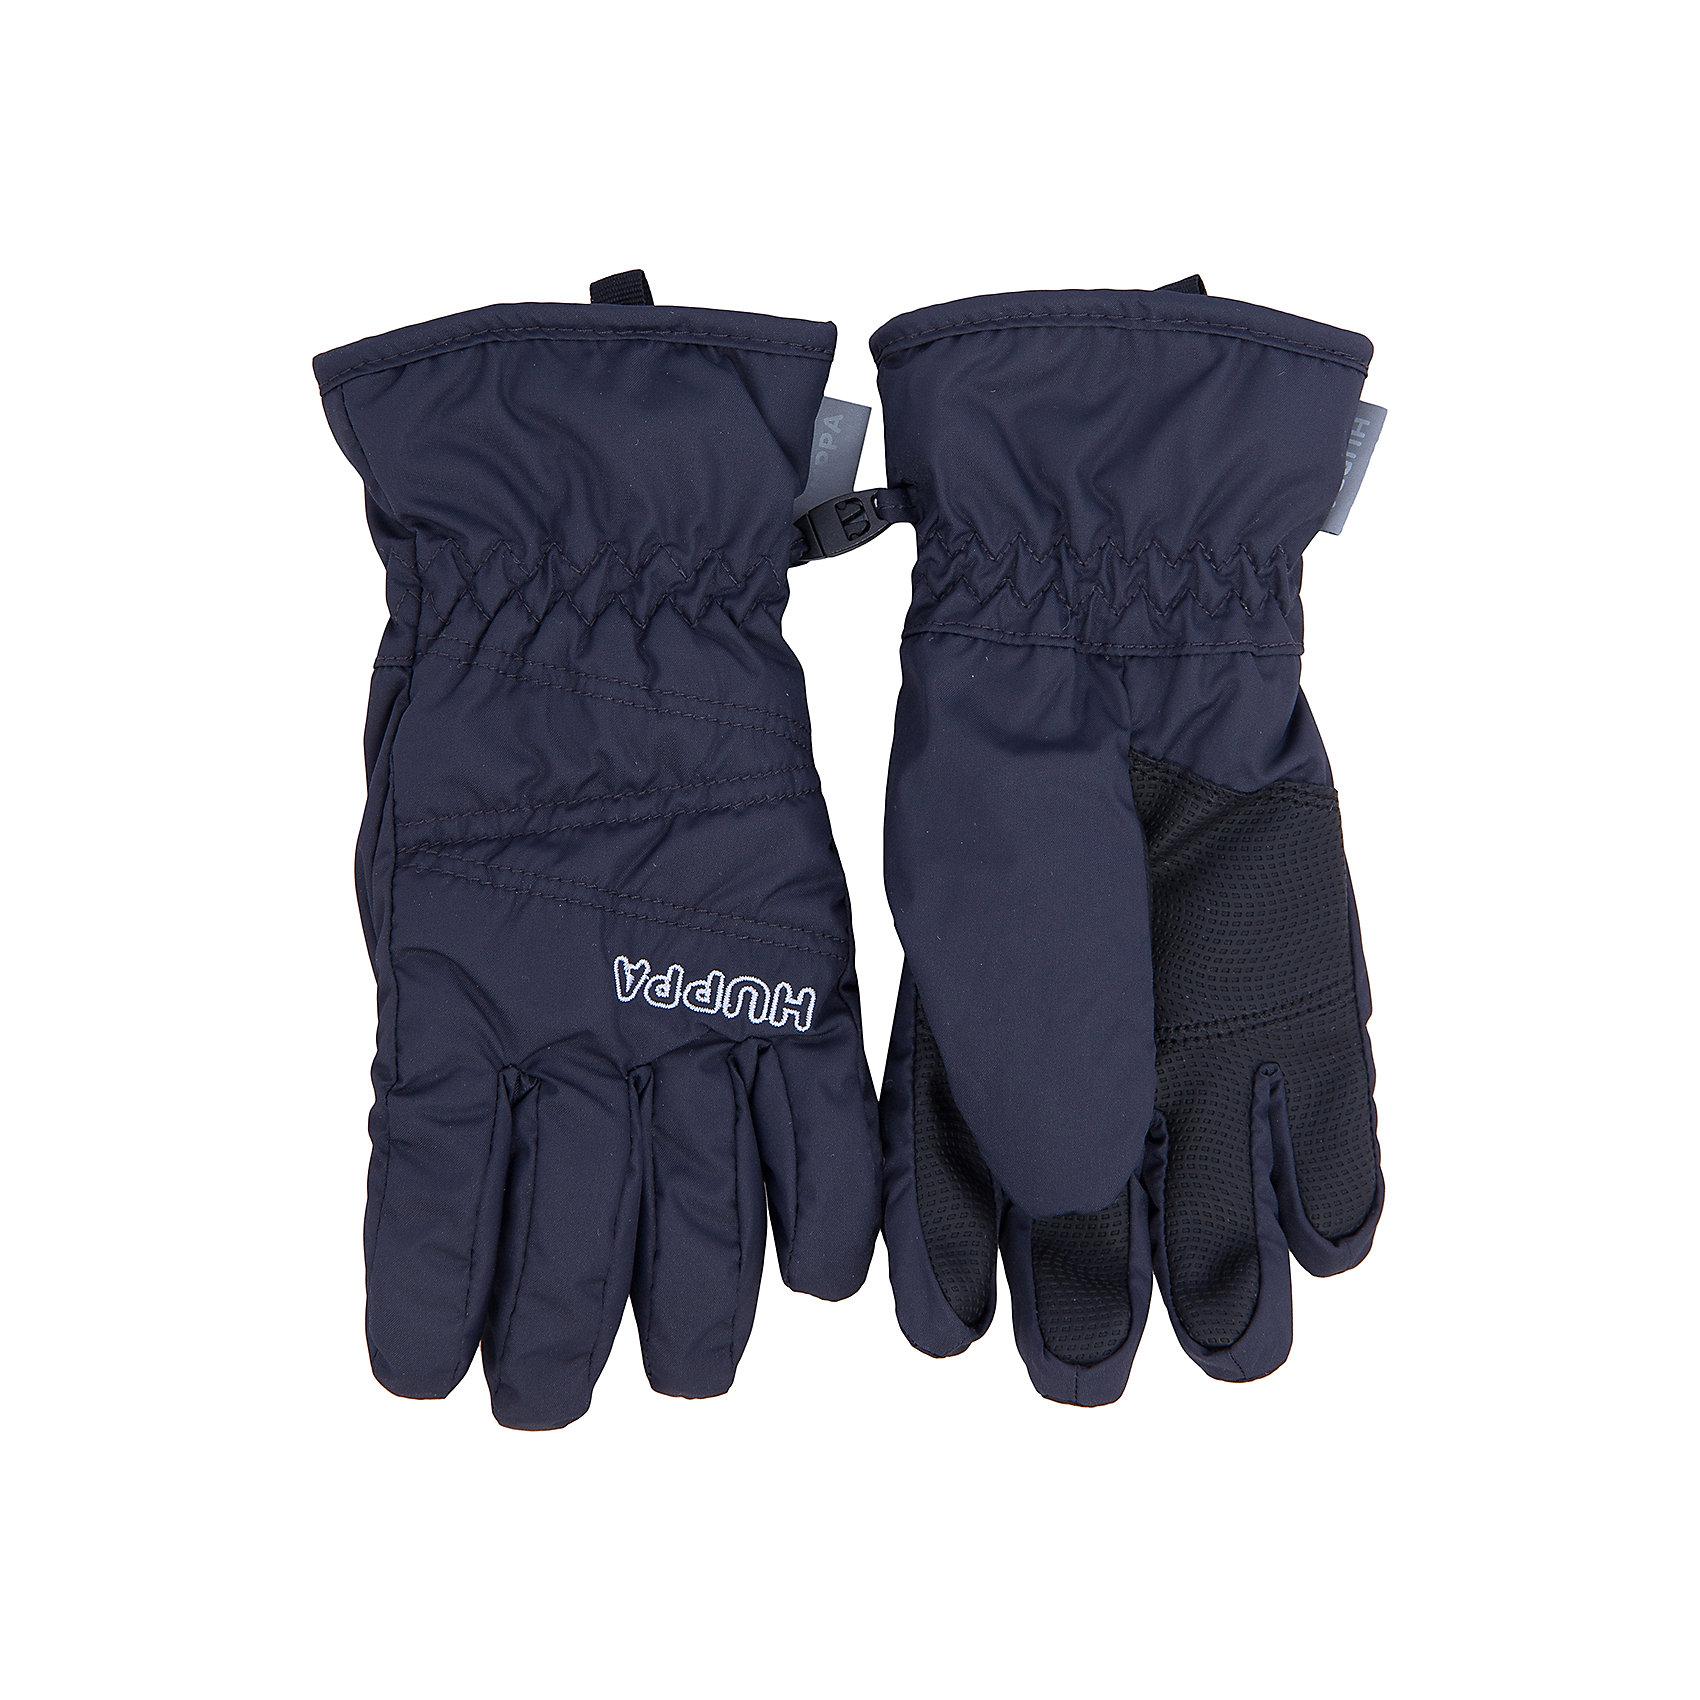 Перчатки    HuppaПерчатки, варежки<br>Классические зимние перчатки KERAN Huppa(Хуппа).<br><br>Утеплитель: 100% полиэстер, 90 гр.<br><br>Температурный режим: до -20 градусов. Степень утепления – средняя. <br><br>* Температурный режим указан приблизительно — необходимо, прежде всего, ориентироваться на ощущения ребенка. Температурный режим работает в случае соблюдения правила многослойности – использования флисовой поддевы и термобелья.<br><br>С подкладкой из полиэстера имеют водоотталкивающую поверхность, обеспечивающую тепло и сухость рук. На запястьях есть резинка, позволяющая перчаткам надежно держаться на руках. Украшены вышивкой HUPPA. Такие перчатки отлично подойдут для зимних прогулок.<br><br>Дополнительная информация:<br>Цвет: темно-серый<br>Материал: 100% полиэстер<br>Подкладка: pritex, 100% полиэстер<br><br>Перчатки KERAN Huppa(Хуппа) можно купить в нашем интернет-магазине.<br><br>Ширина мм: 162<br>Глубина мм: 171<br>Высота мм: 55<br>Вес г: 119<br>Цвет: серый<br>Возраст от месяцев: 24<br>Возраст до месяцев: 36<br>Пол: Унисекс<br>Возраст: Детский<br>Размер: 3,8,7,6,5,4<br>SKU: 4923747